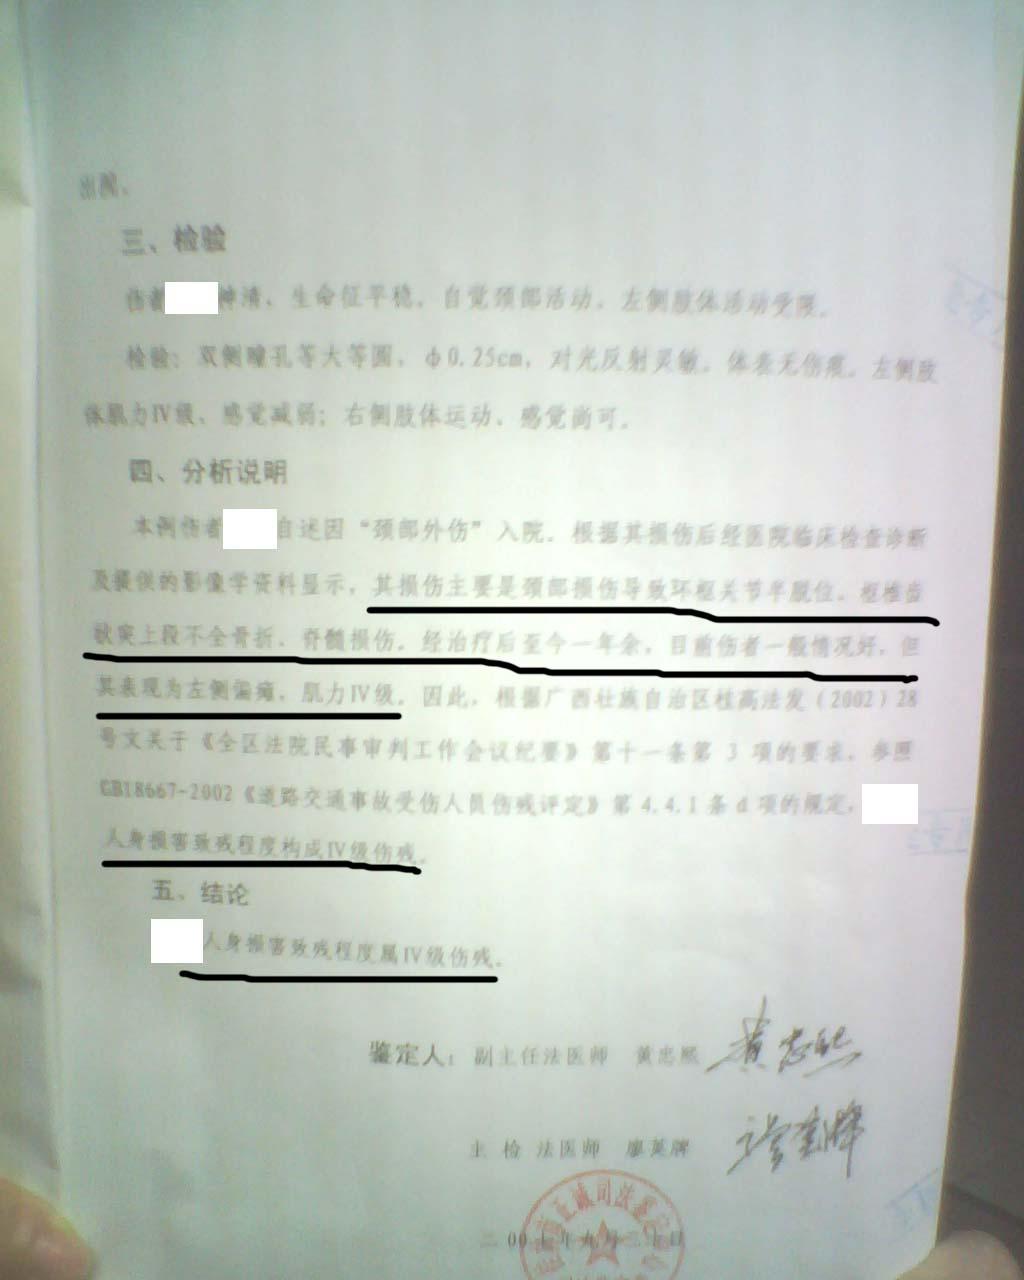 砖厂劳动合同书.doc - 淘豆网